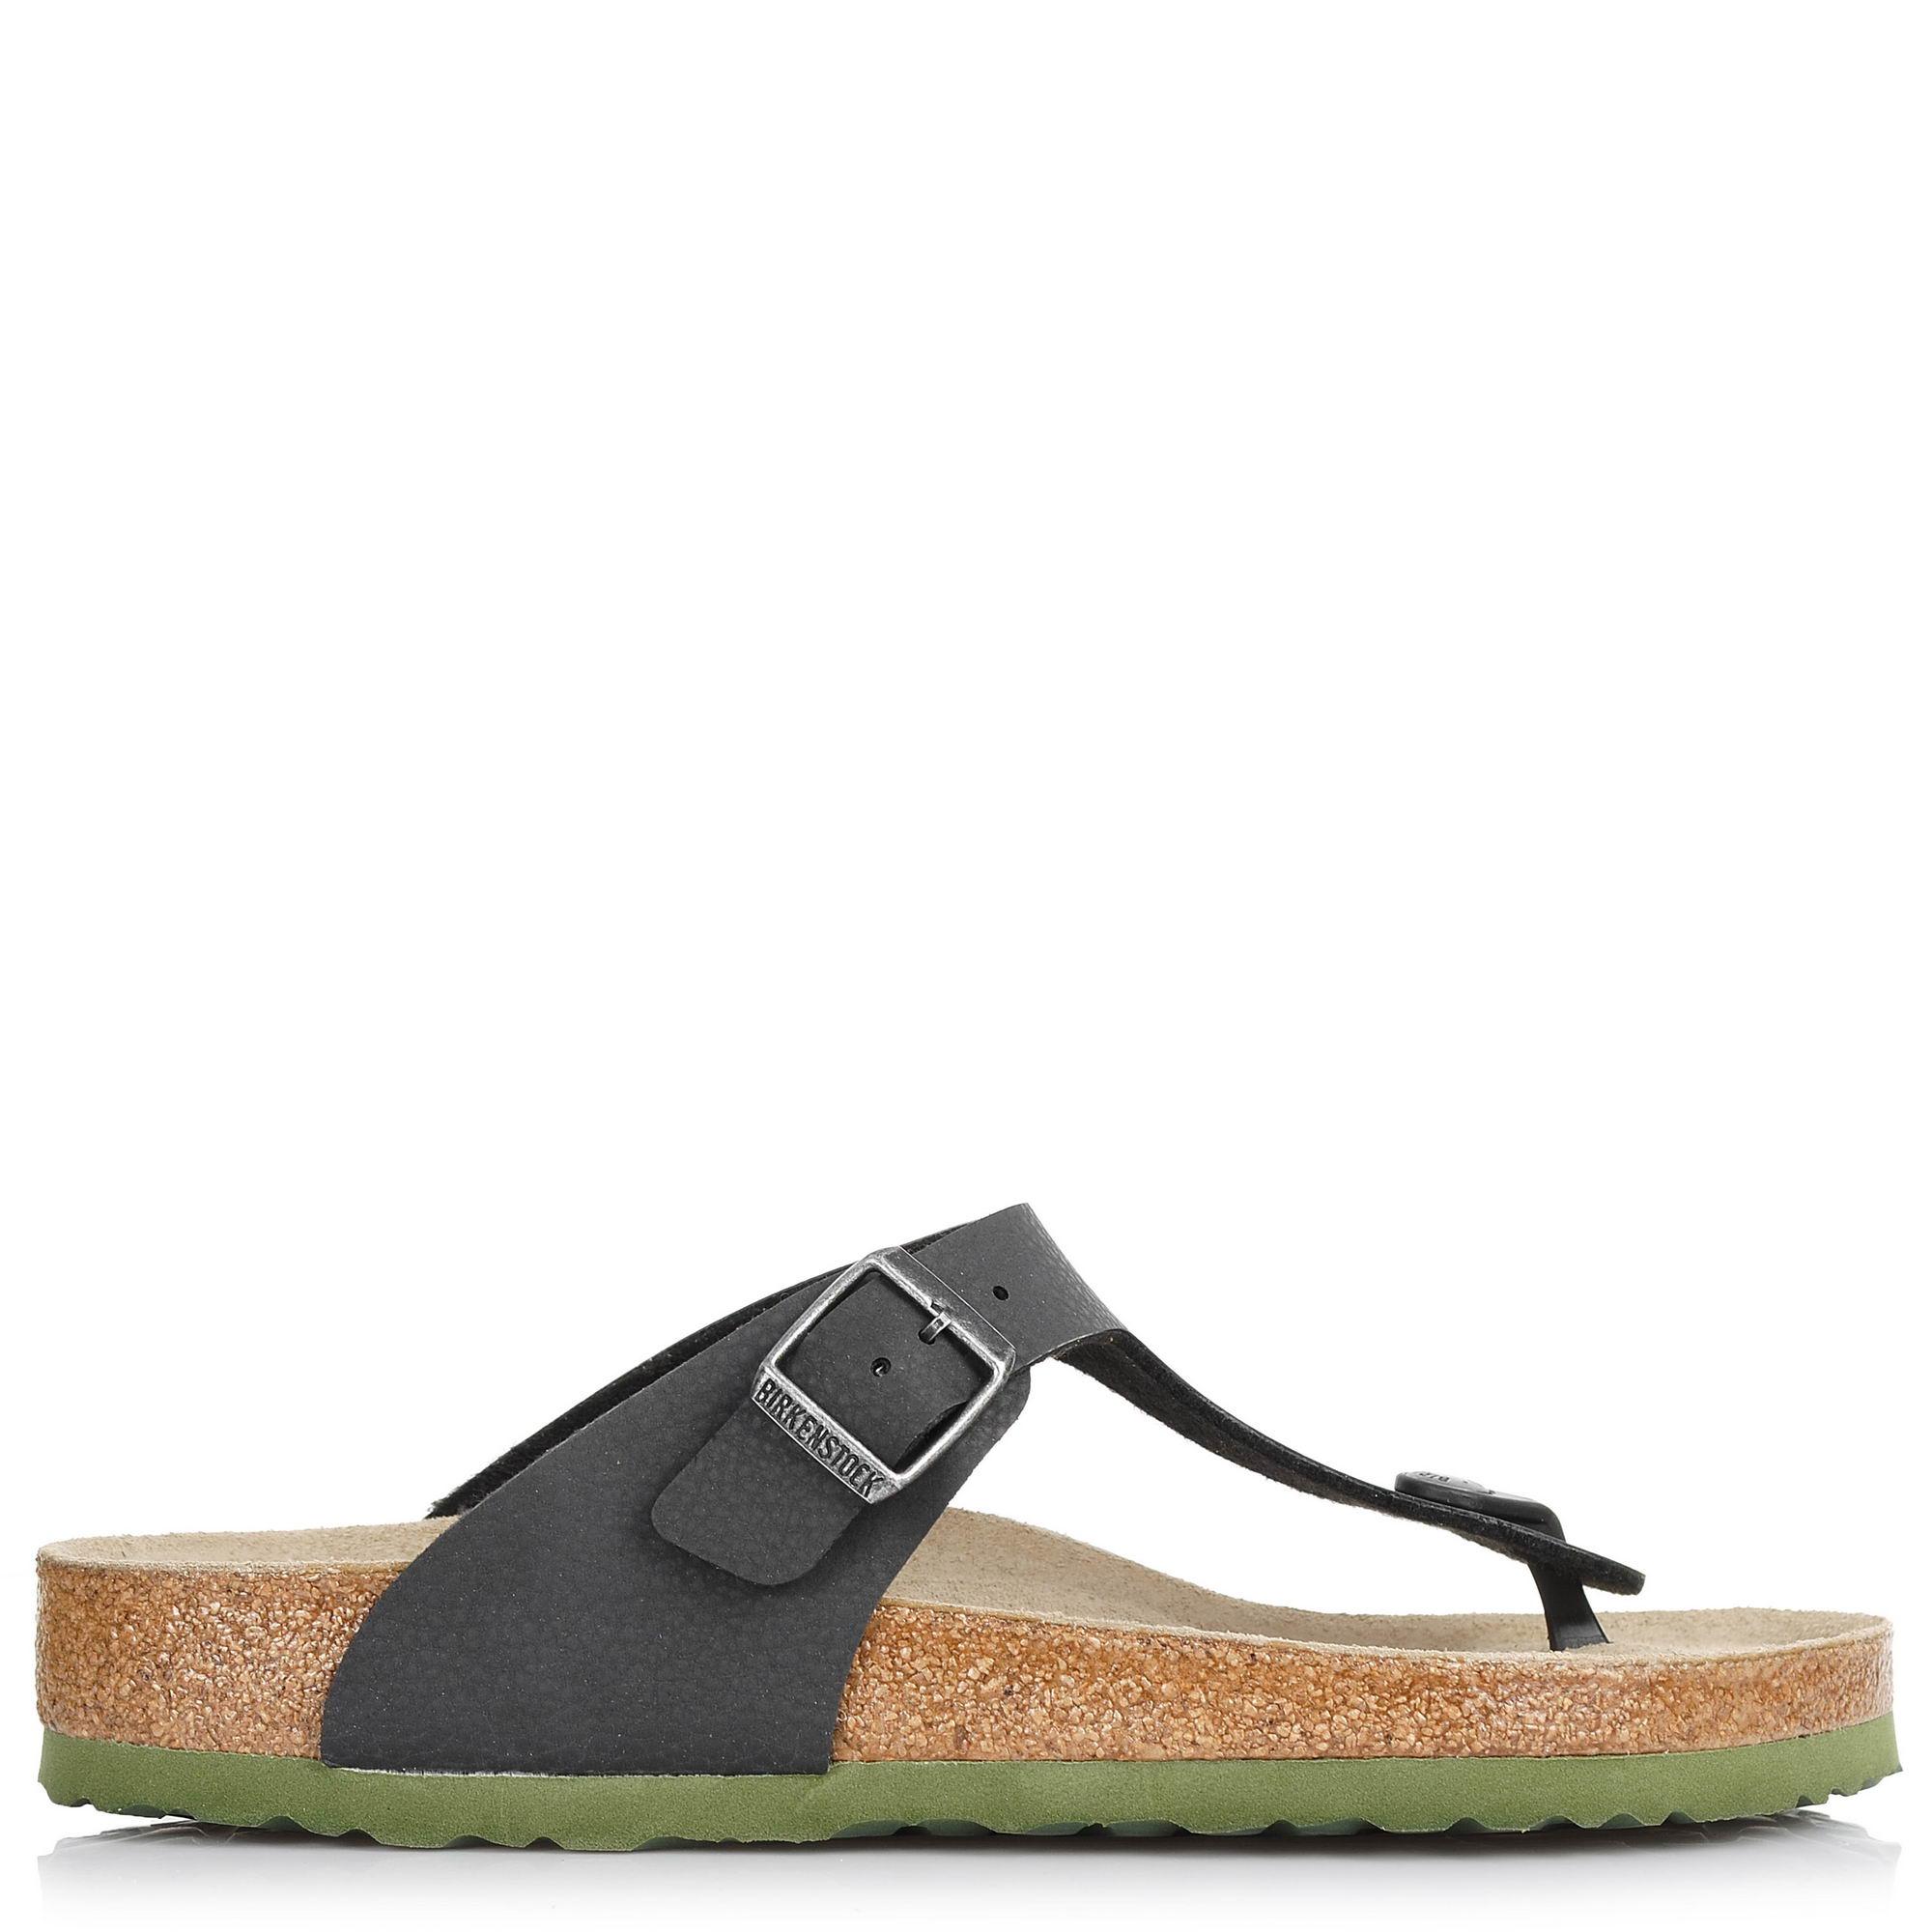 Σανδάλια Birkenstock Gizeh BS 1009962 ανδρας   ανδρικό παπούτσι